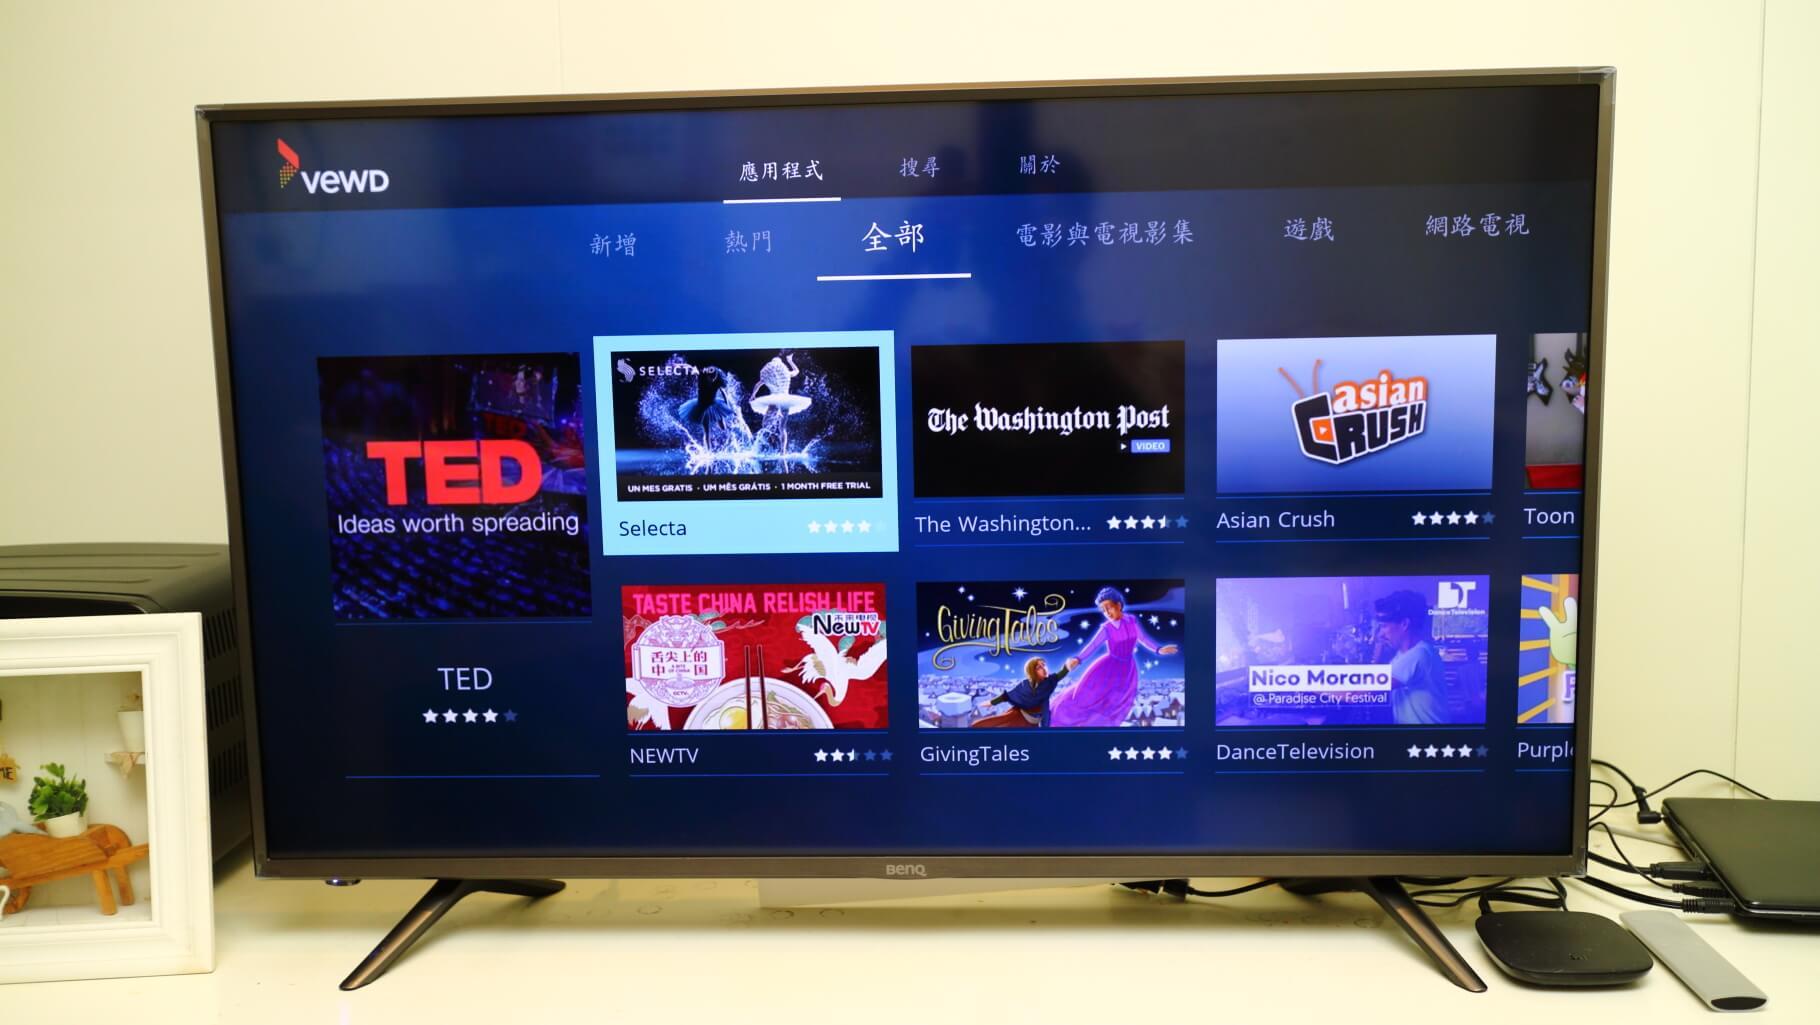 2019 智慧電視採購指南:我應該買Smart TV還是電視盒呢? |BenQ